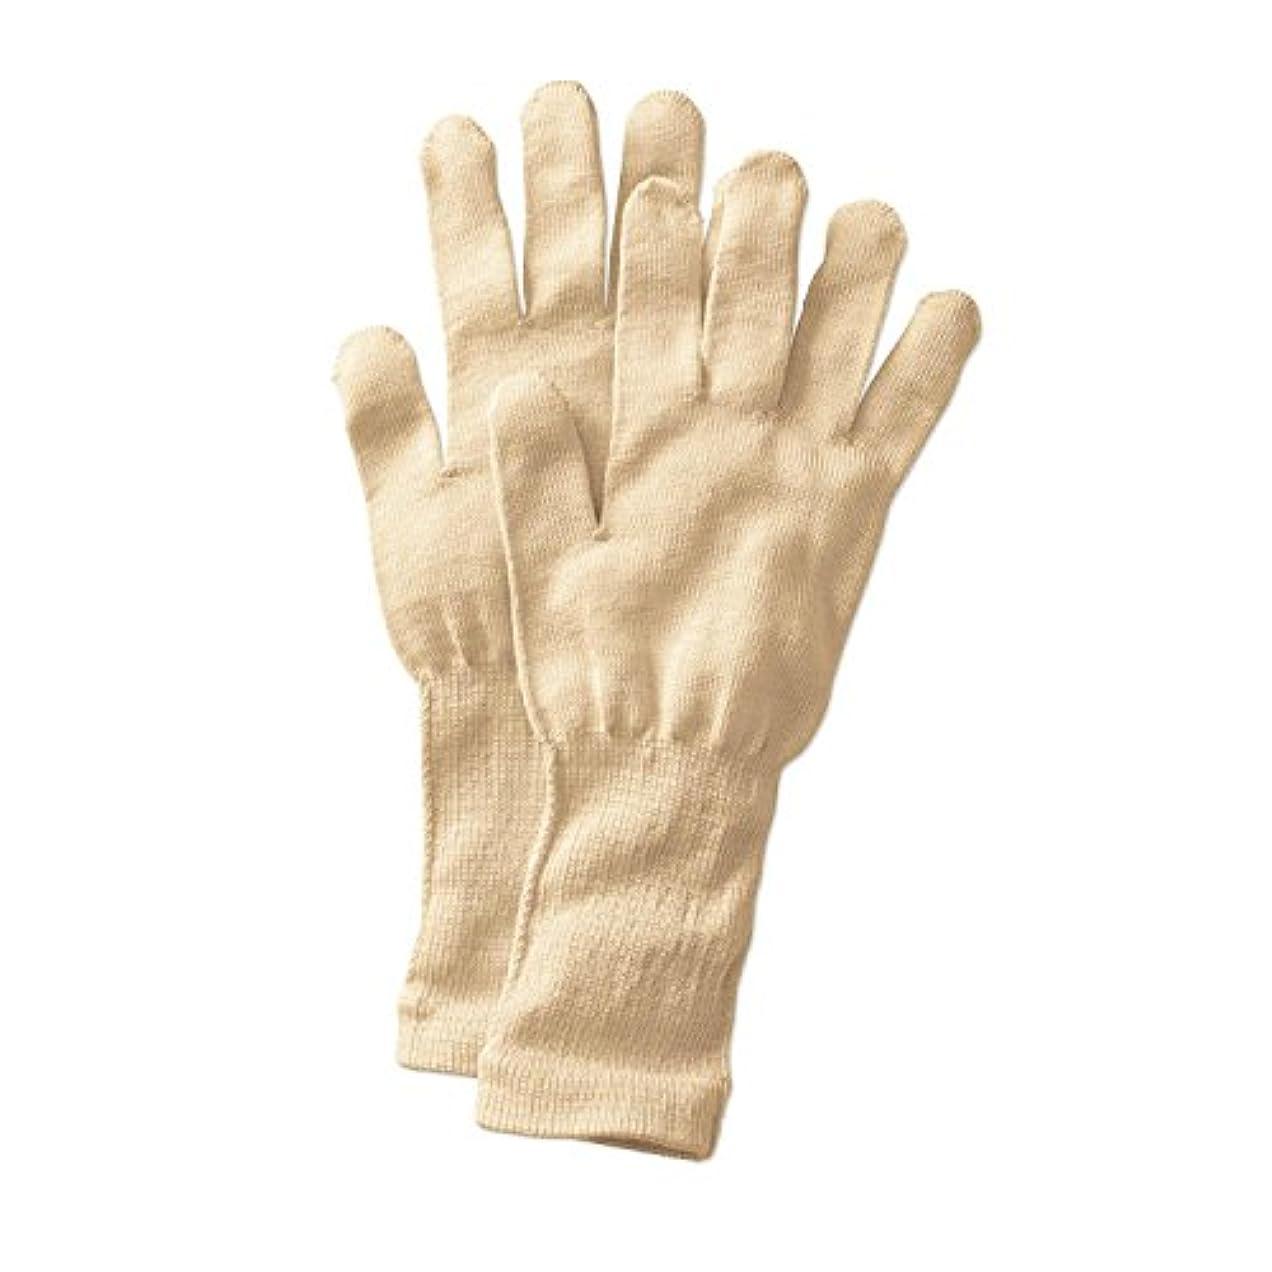 ピストルグローブ作業[ベルメゾン] 手袋 シルク 冷え取り おやすみ あったか /冷えとり日和365 クリーム